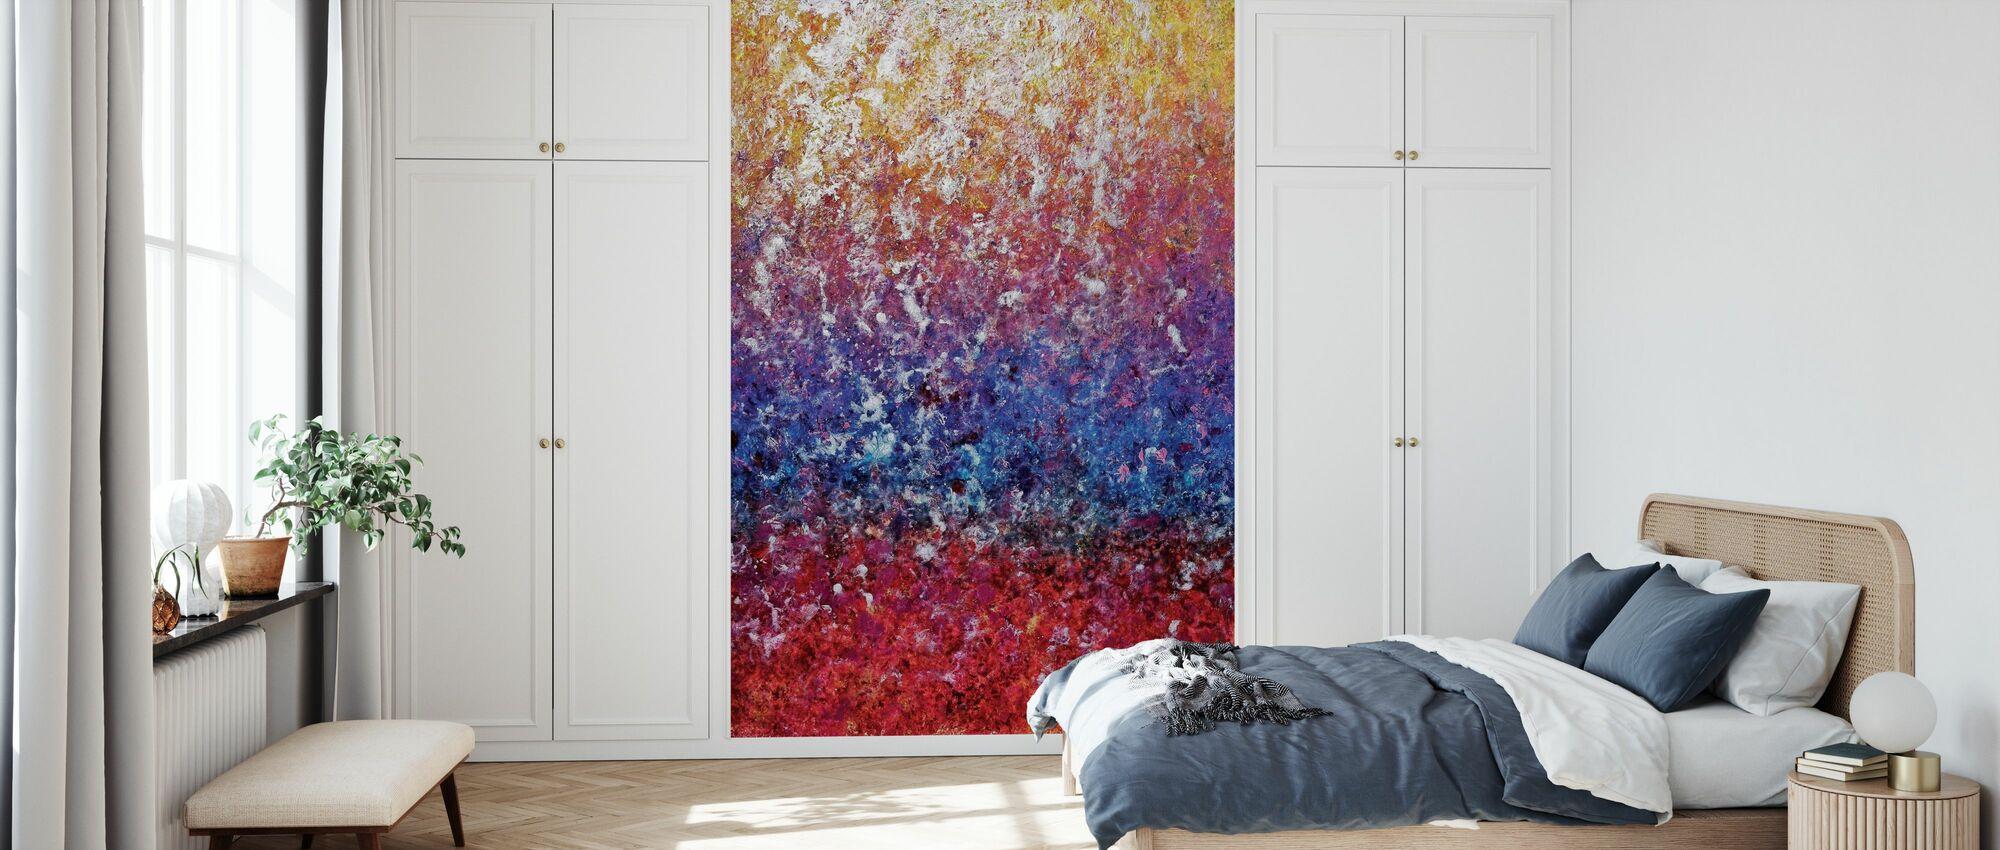 Mystic Hour - Wallpaper - Bedroom